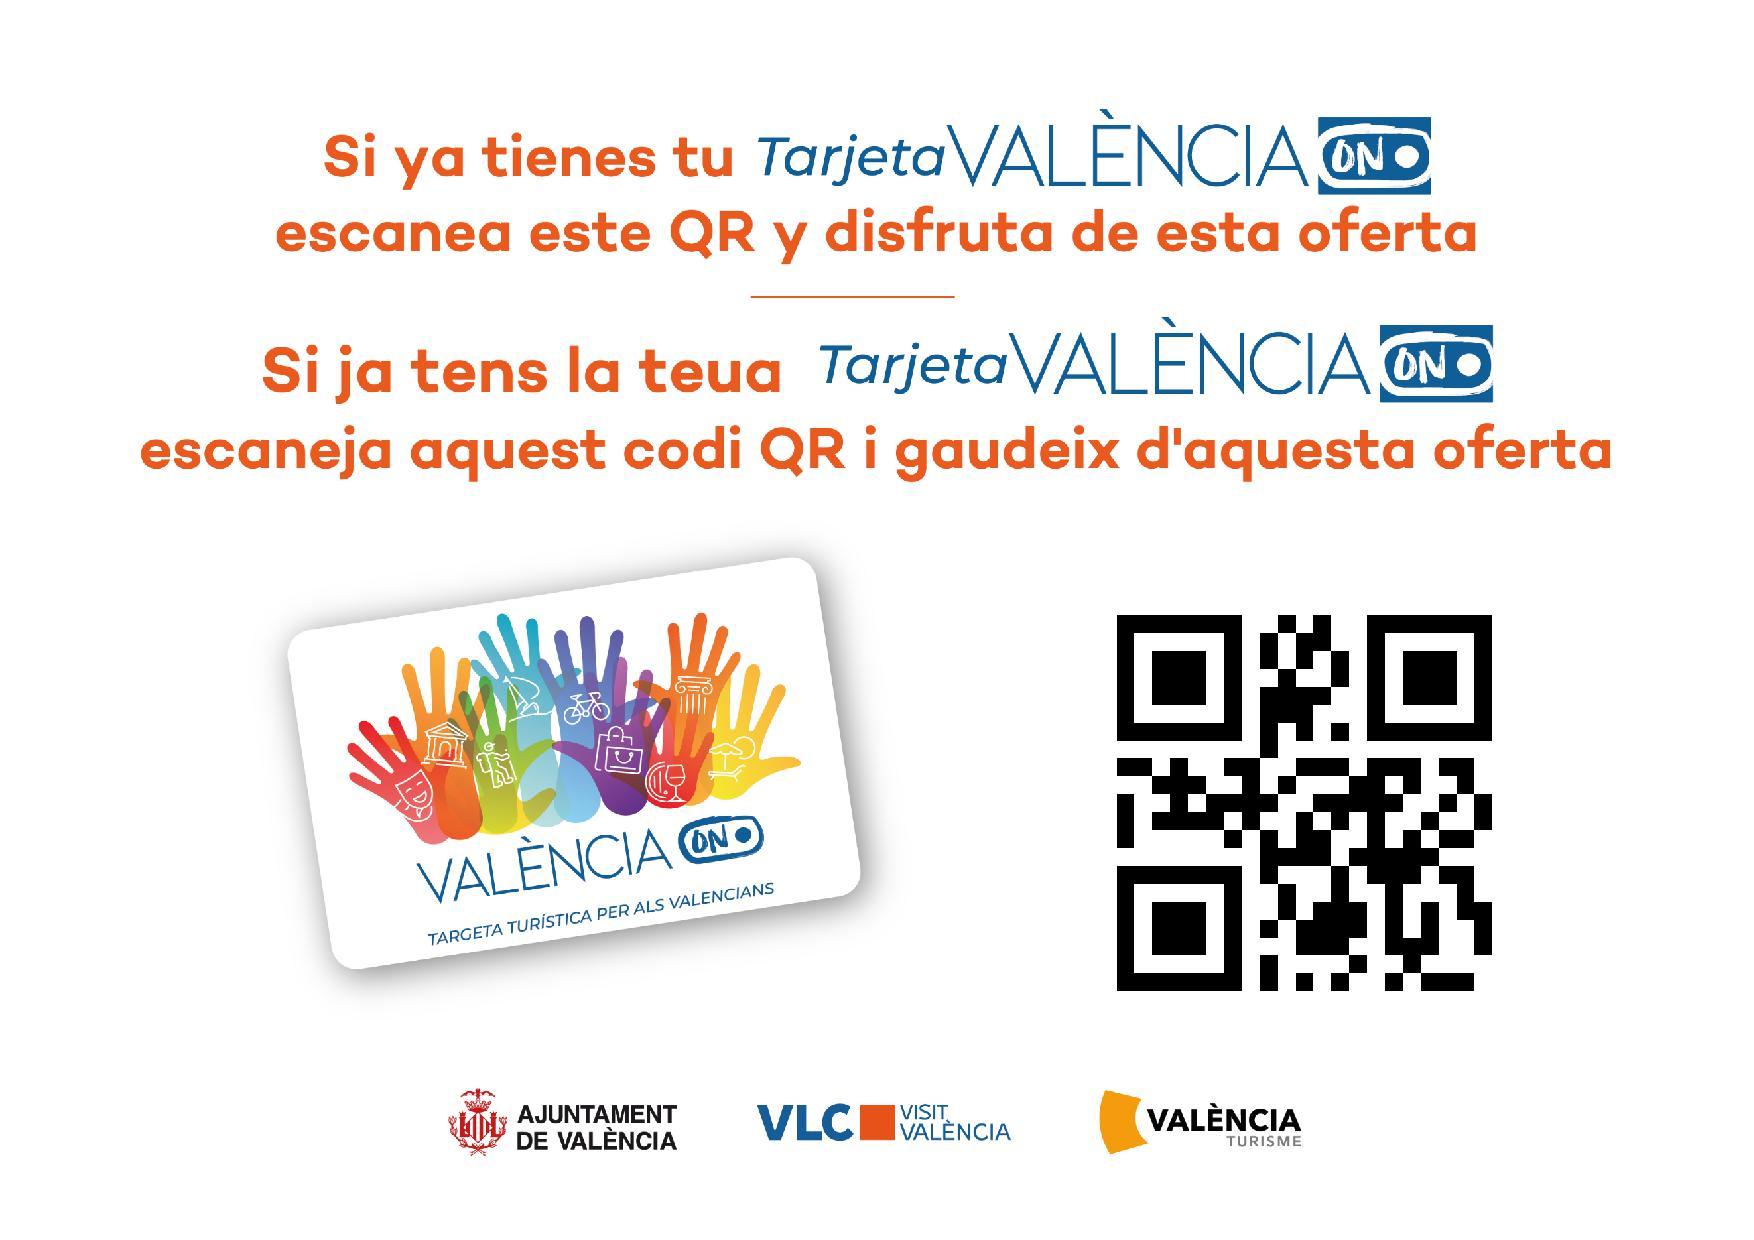 Ahora Visita Valencia-Paseando Valencia_TarjetaValenciaON